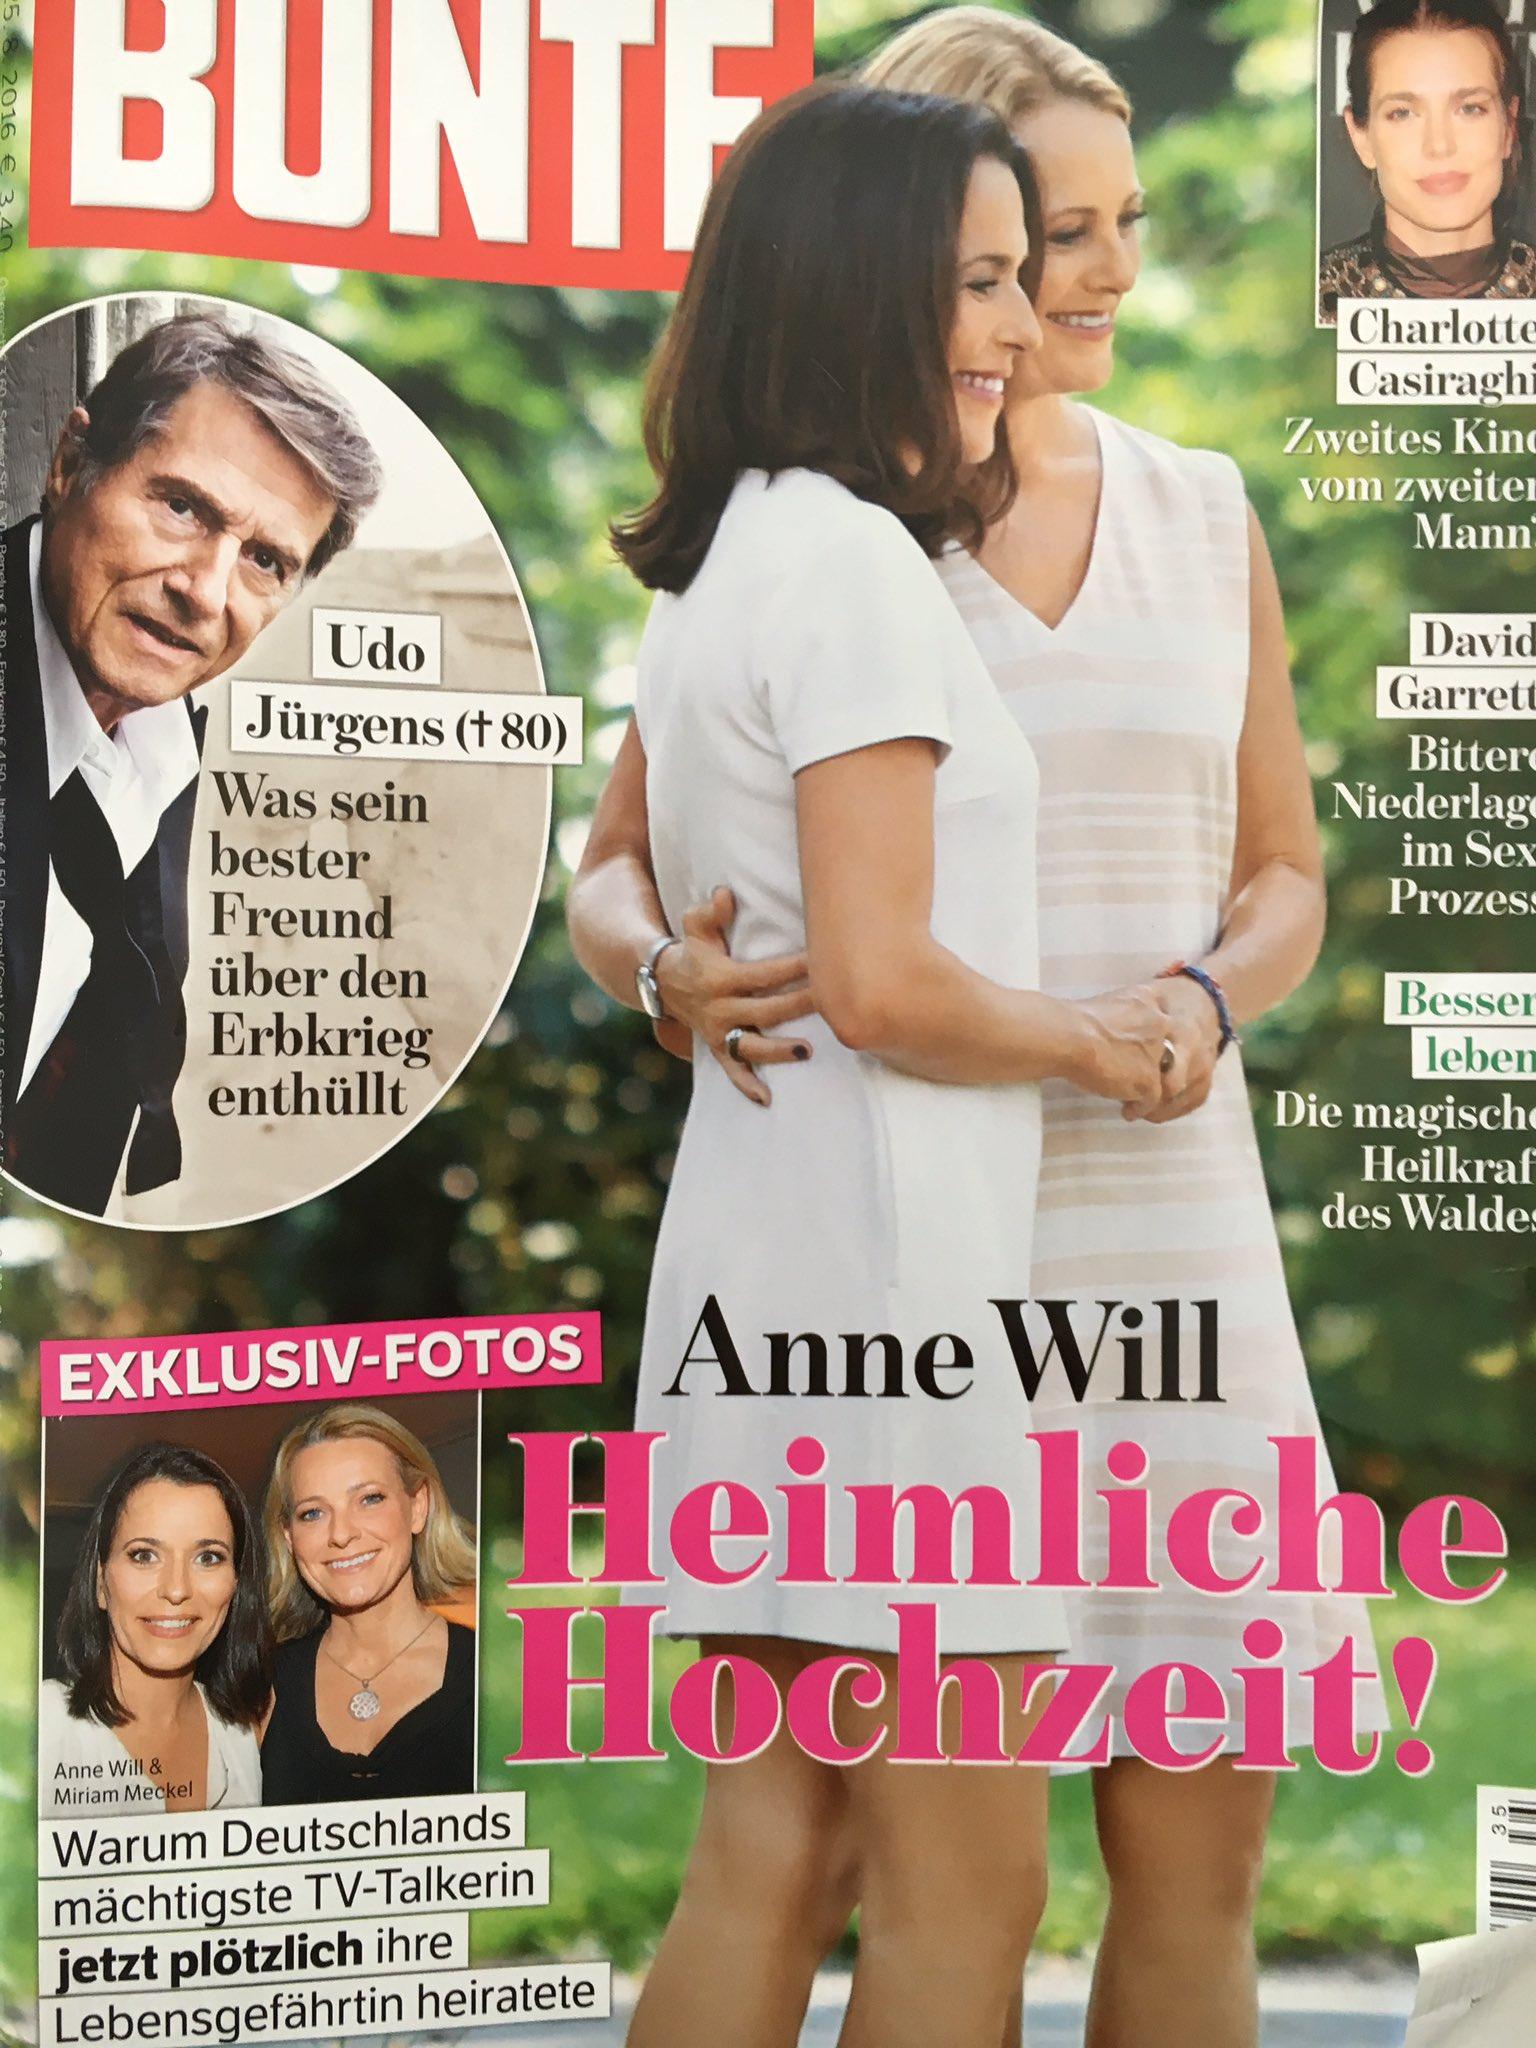 Claudia Boehnert On Twitter Annewill Und Miriammeckel Verheiratet Wir Gratulieren Ganz Herzlich Und Wunschen Alles Gute Bunte Wiwo Ard